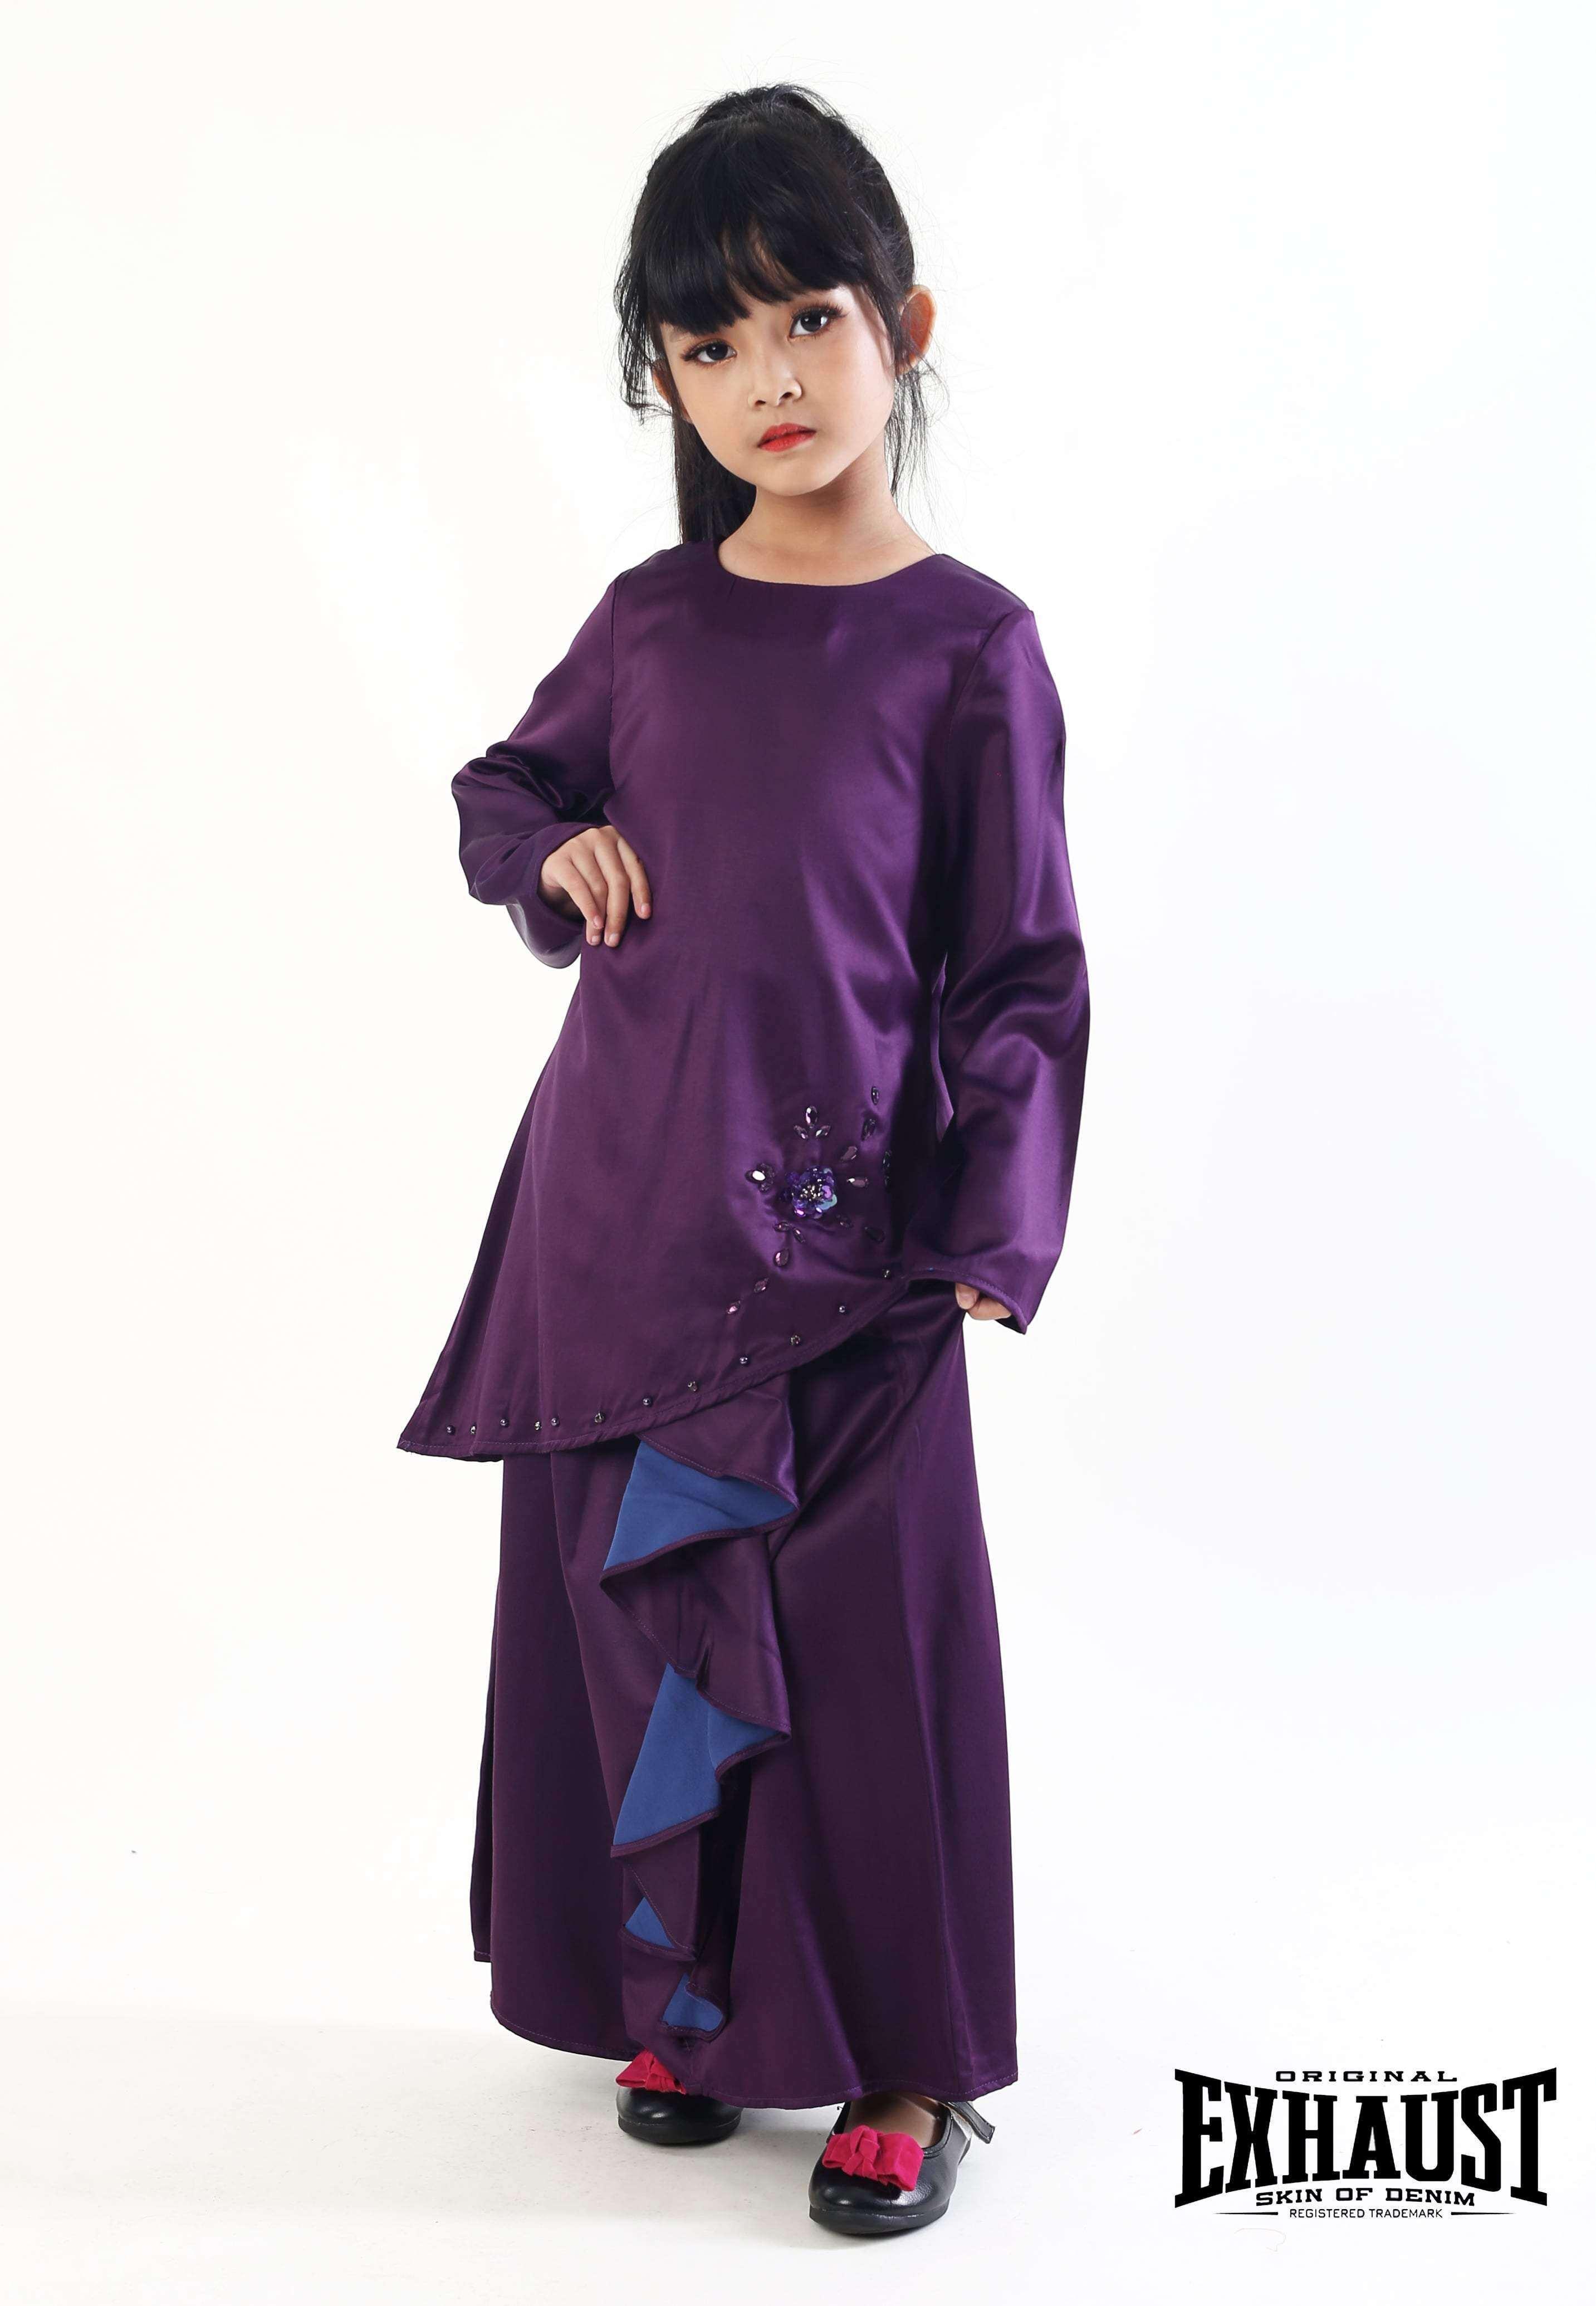 Exhaust Baju Kurung Fashion Kids 7115#4